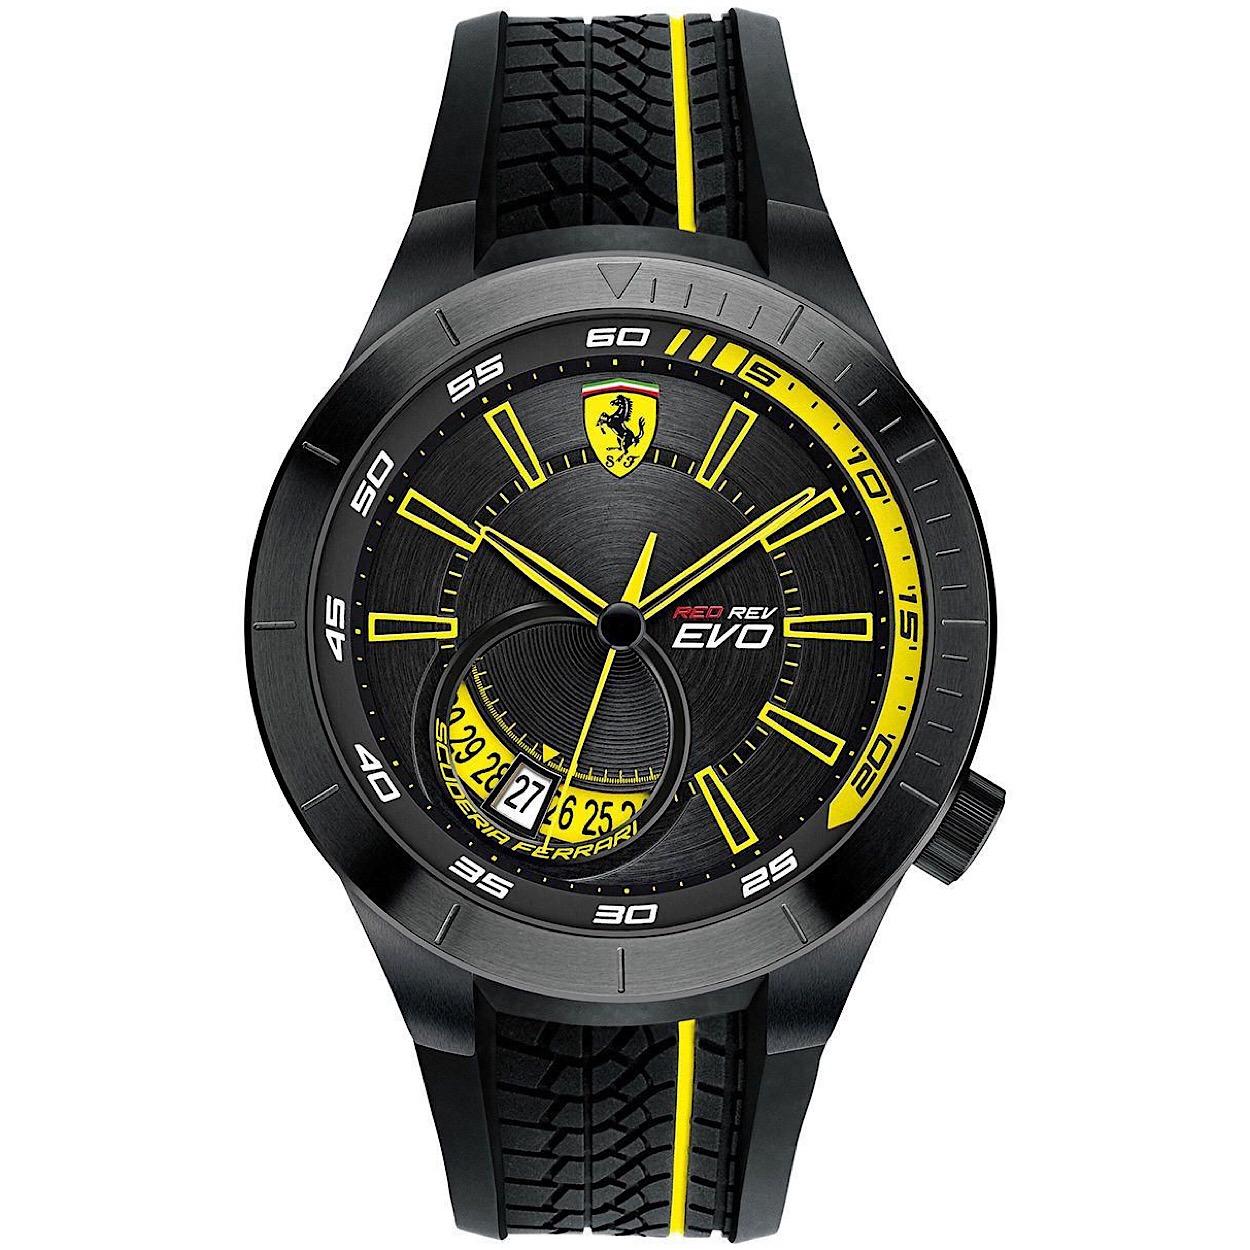 خرید ساعت مچي عقربه اي مردانه فراري مدل RedRev Evo 830340